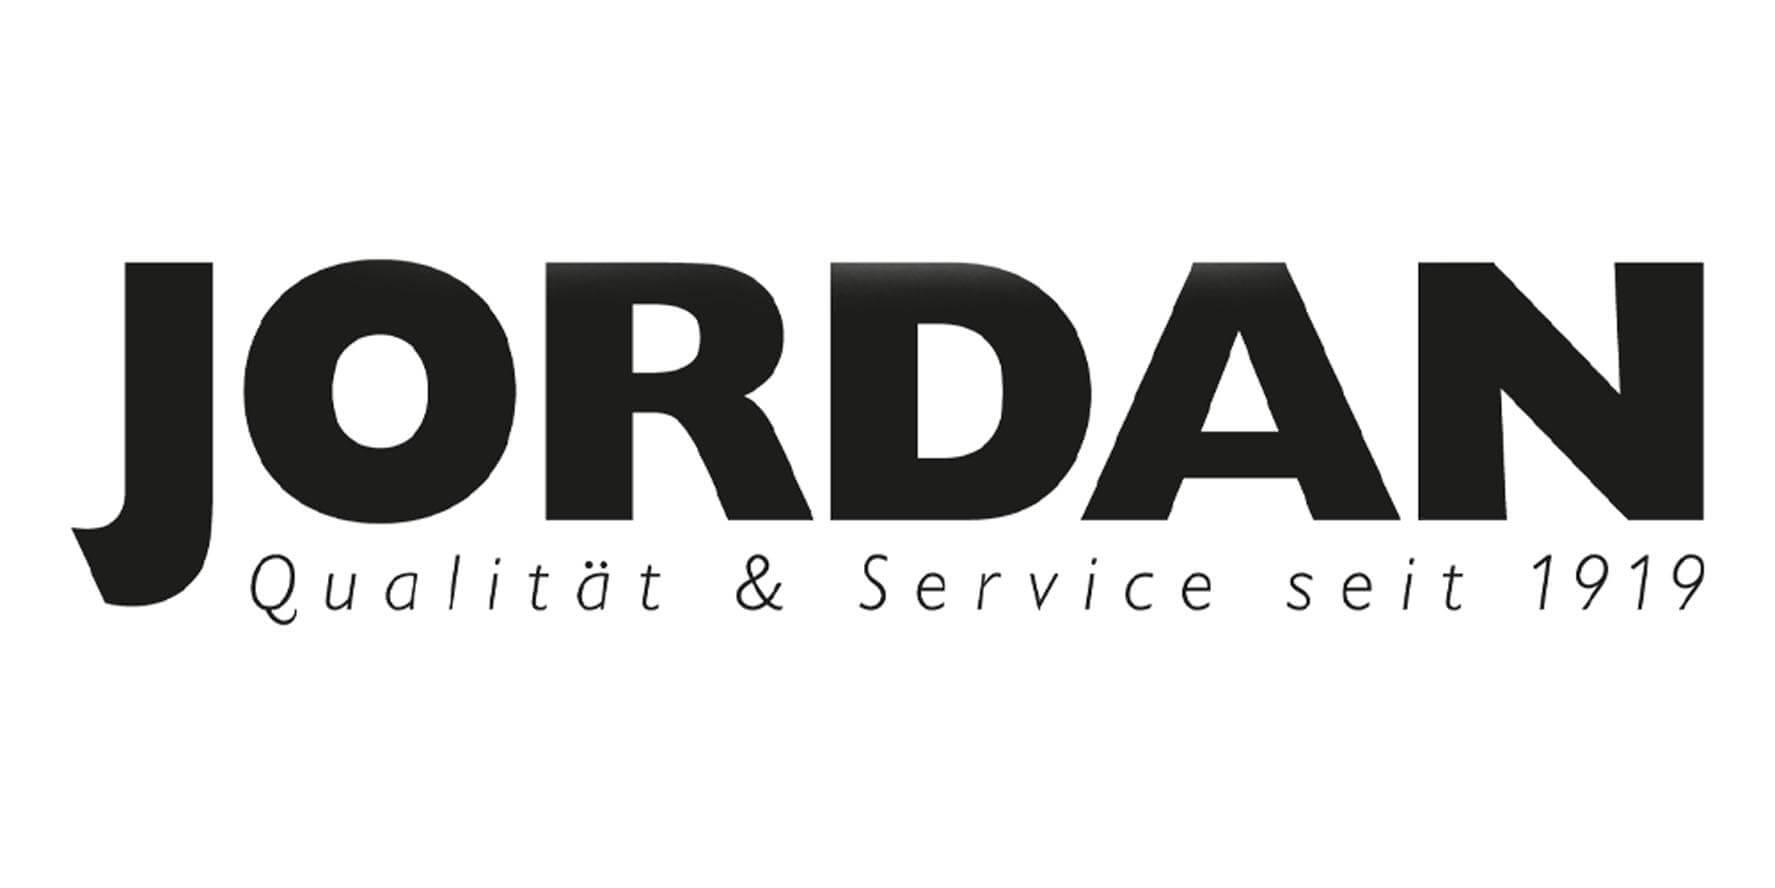 W. & L. Jordan GmbH